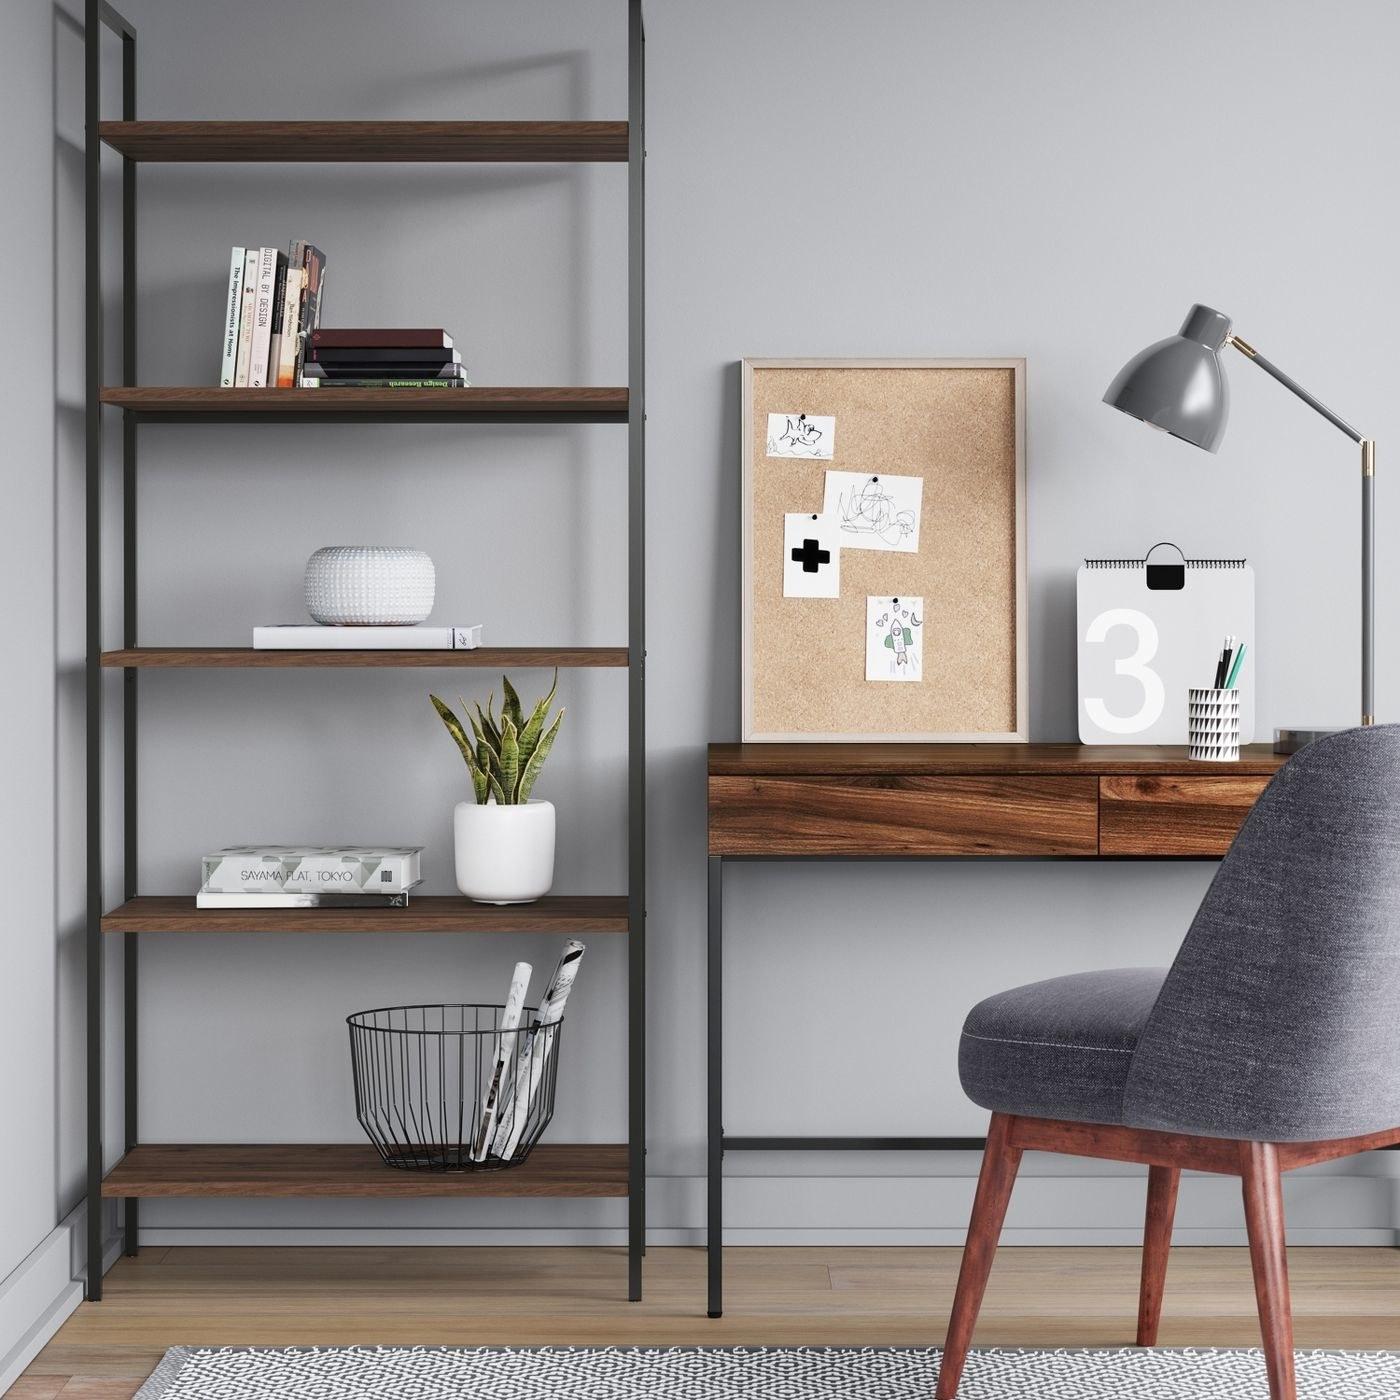 A ladder bookshelf in a home